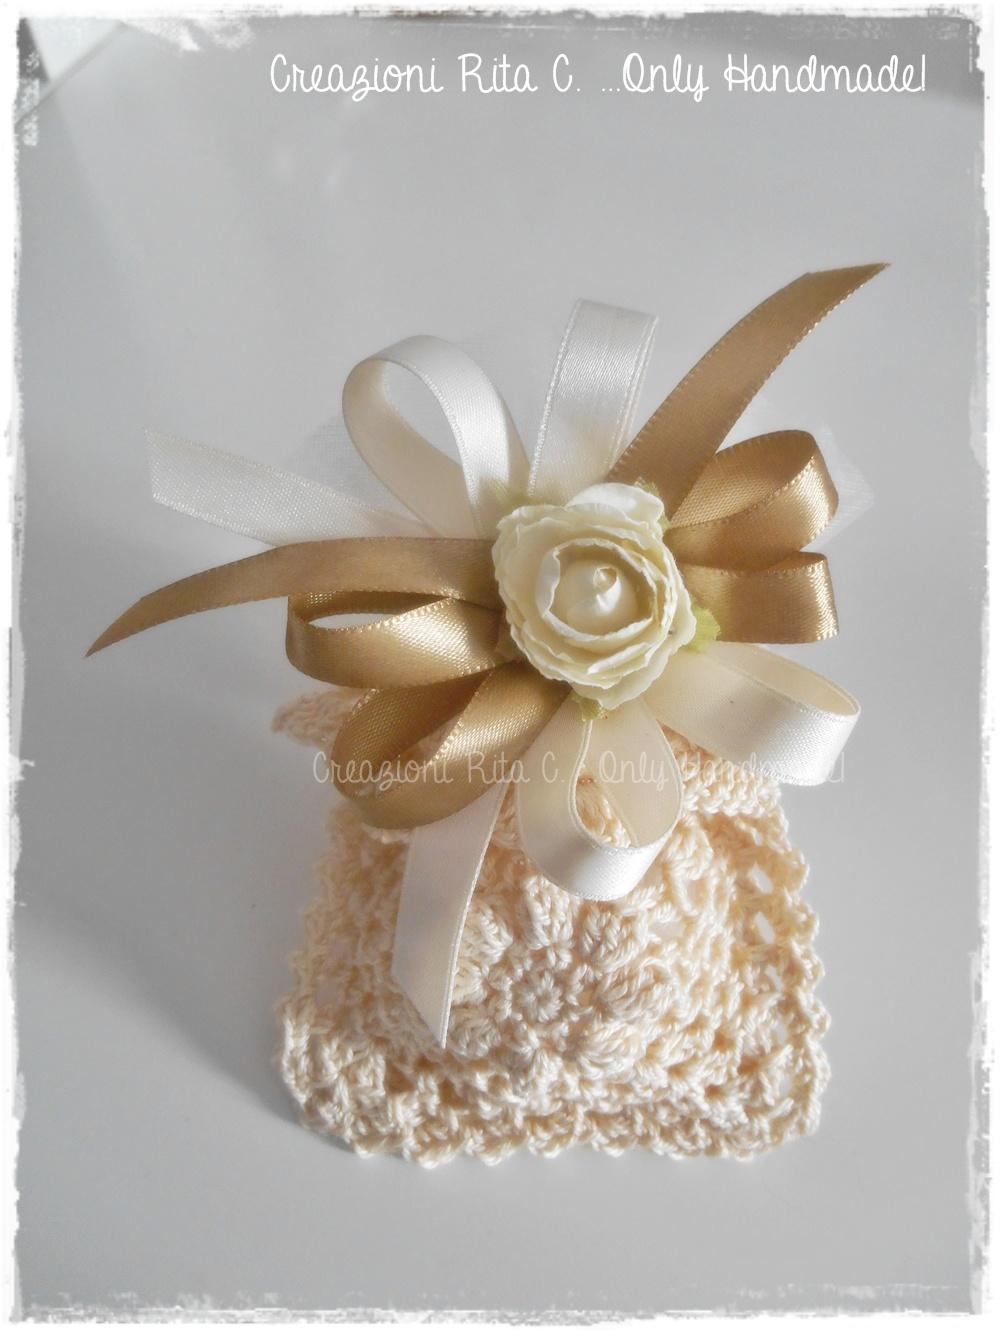 Popolare Creazioni Rita C.  Only Handmade!: Per il tuo matrimonio  RA18